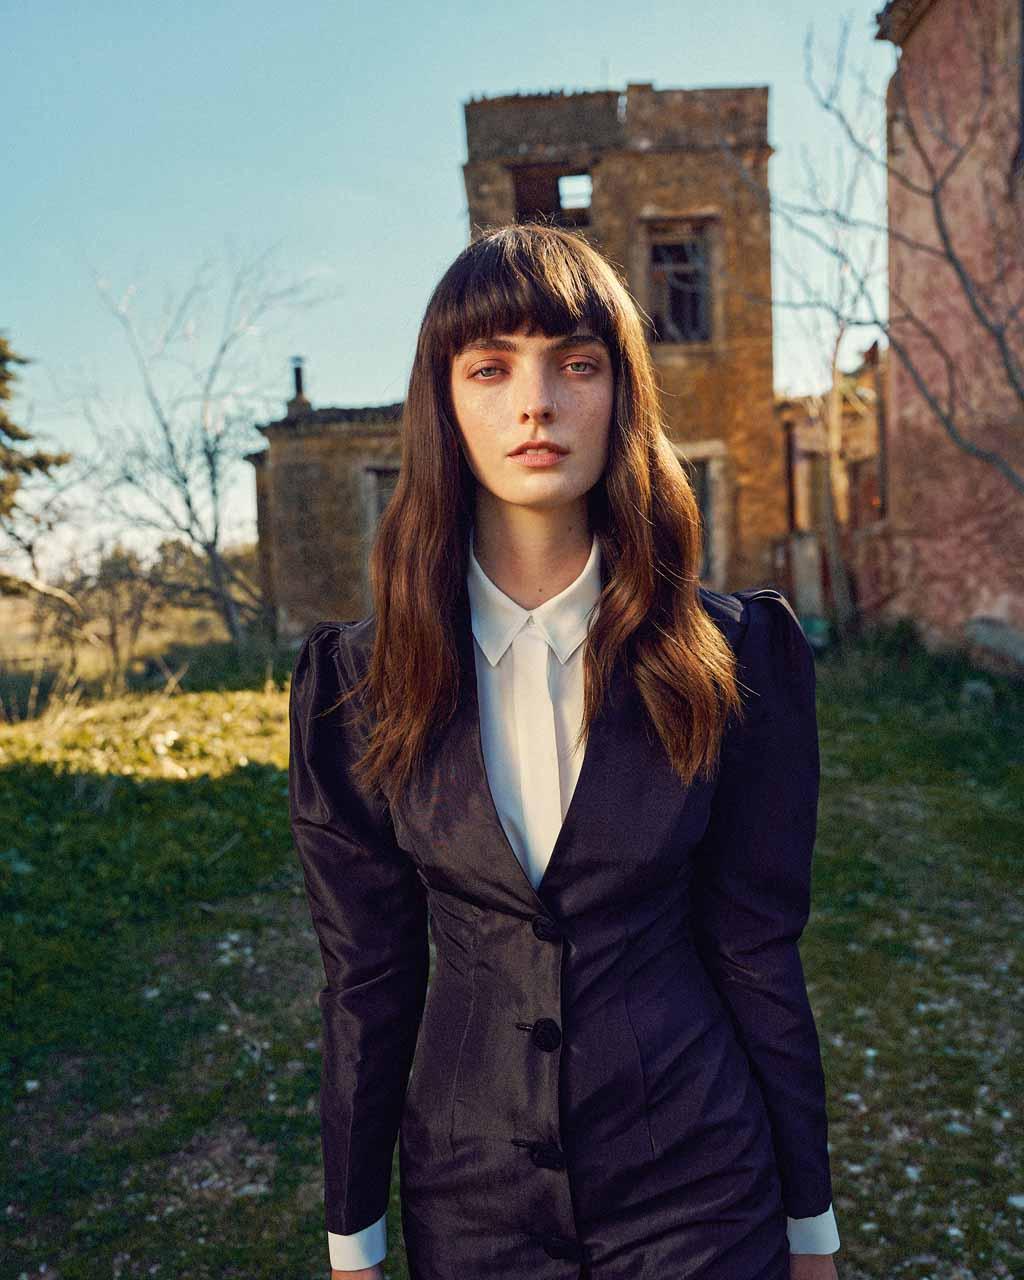 Freya Trice for OK magazine